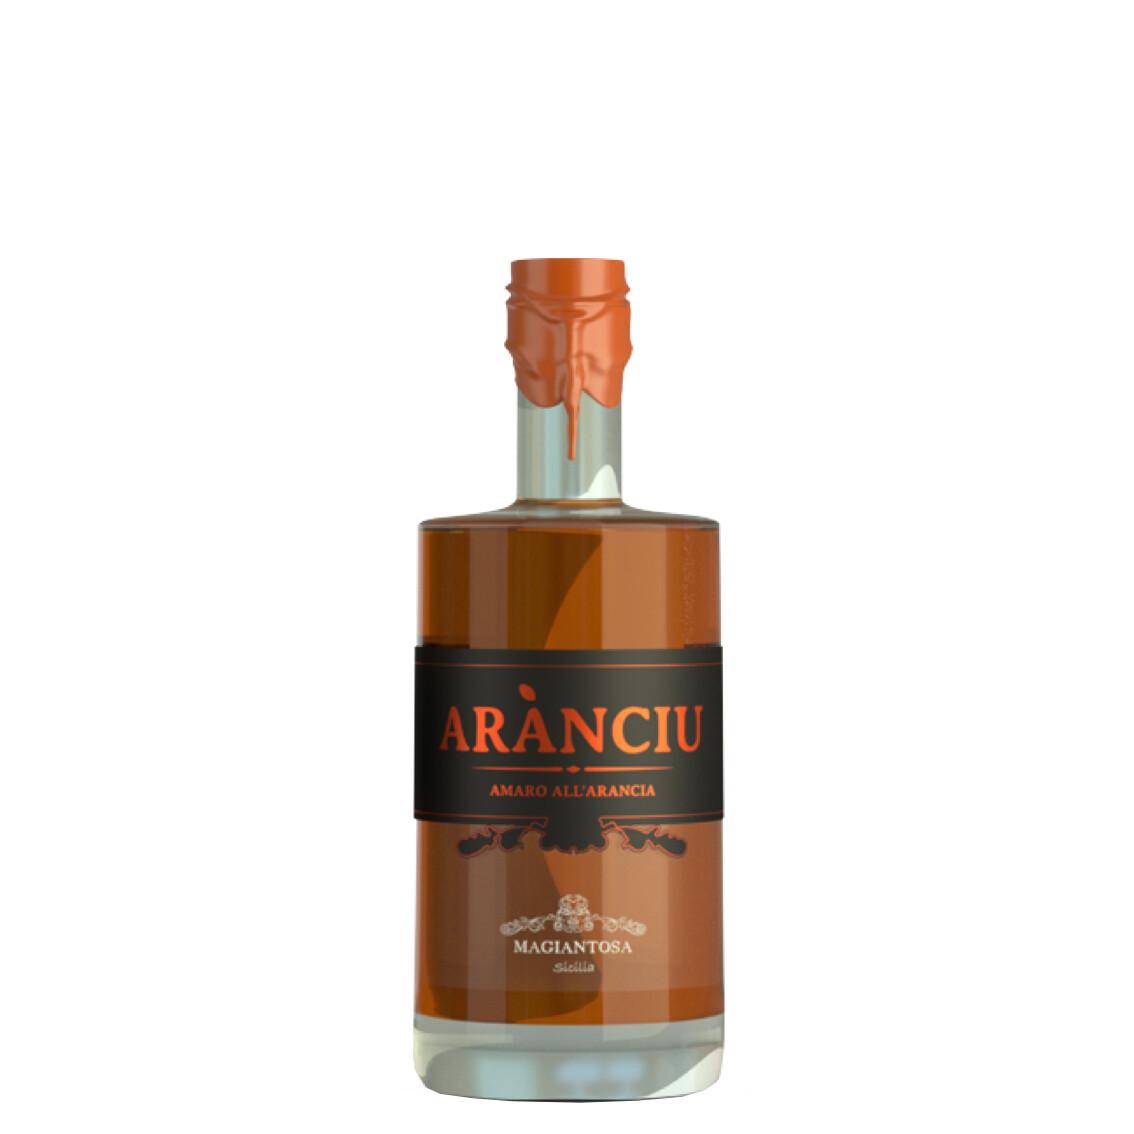 Amaro Arànciu di Magiantosa